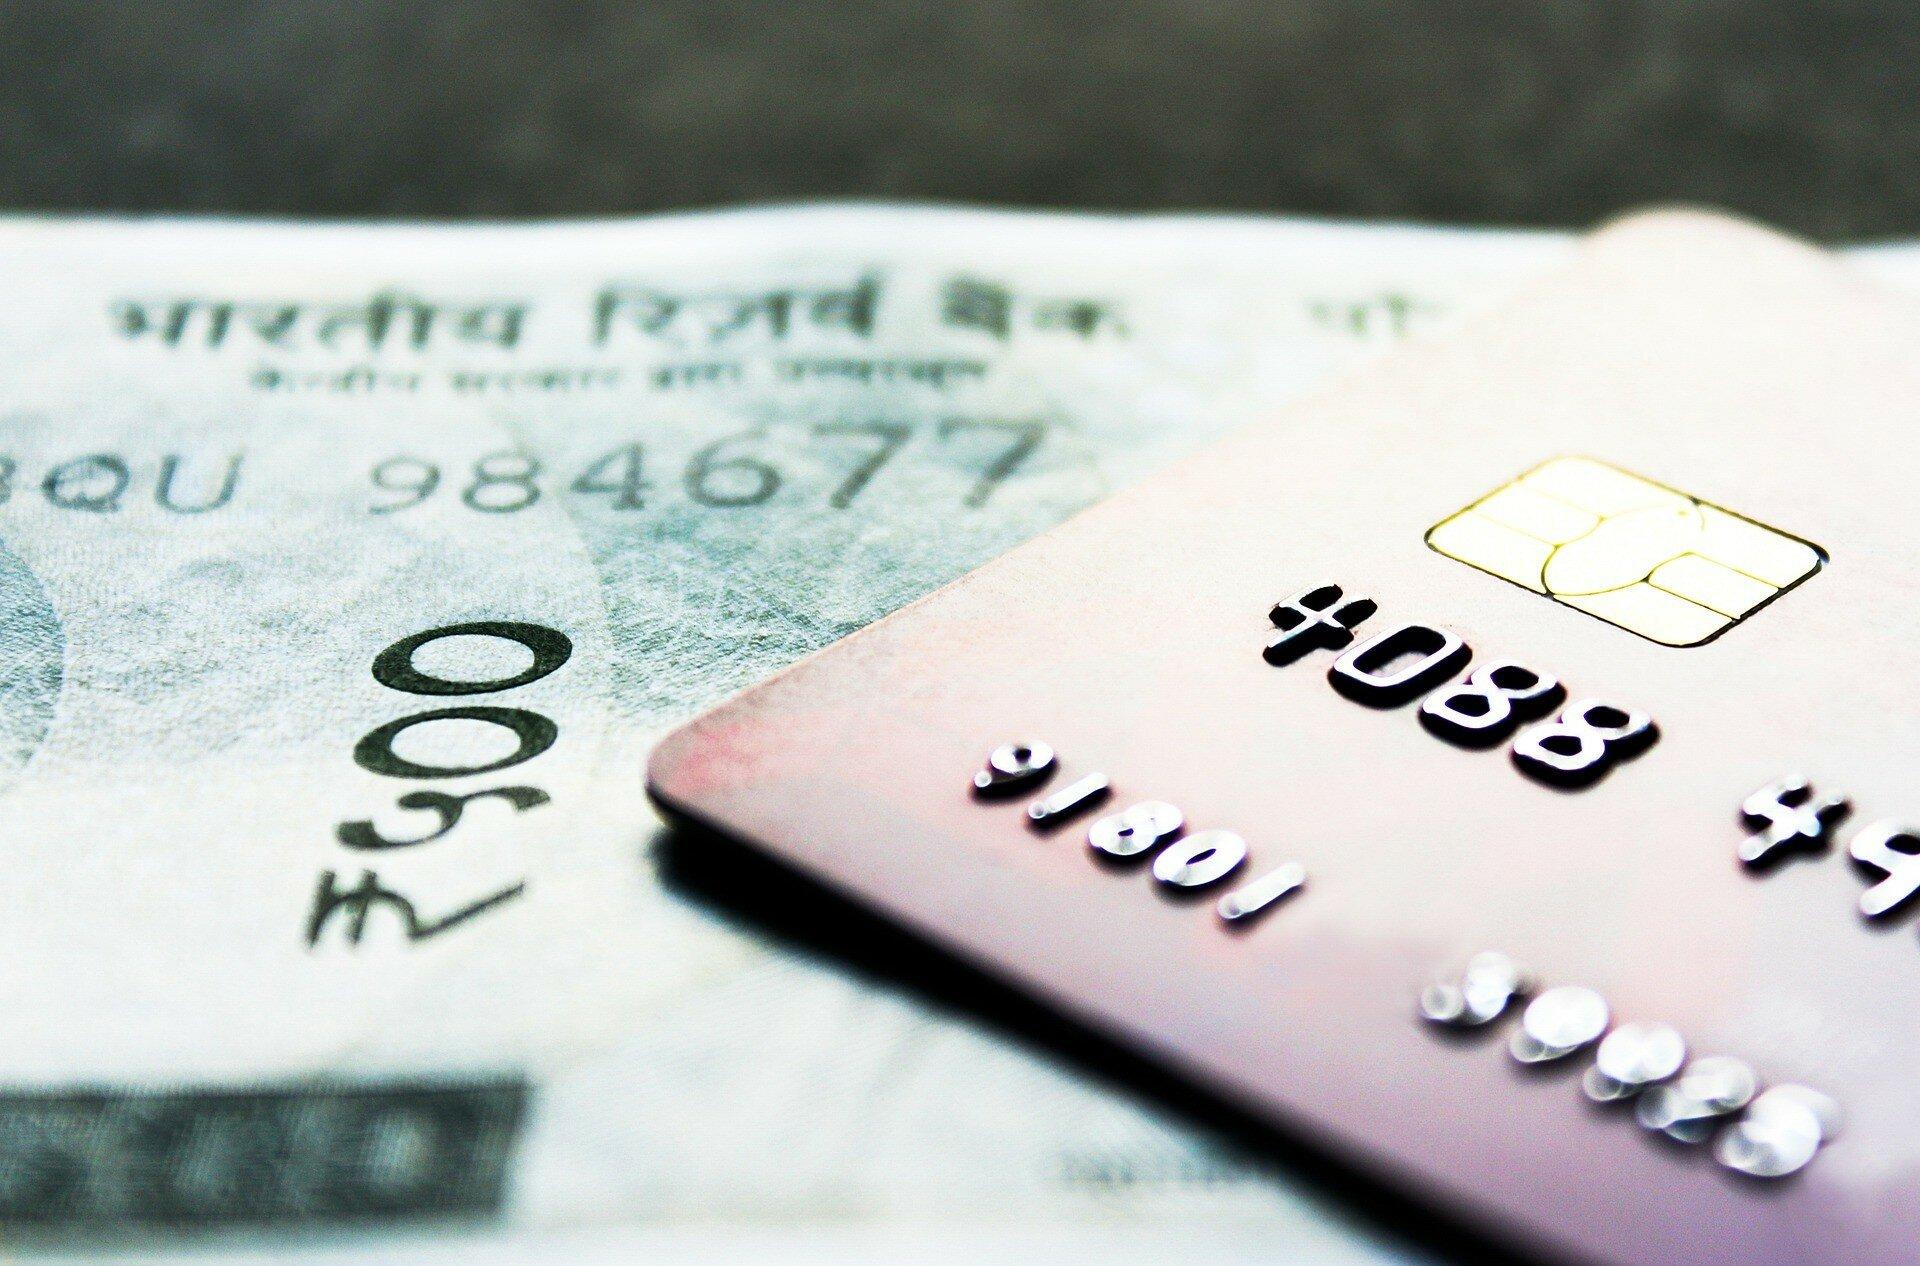 Банки передают в налоговую информацию о личных счетах ФЛП